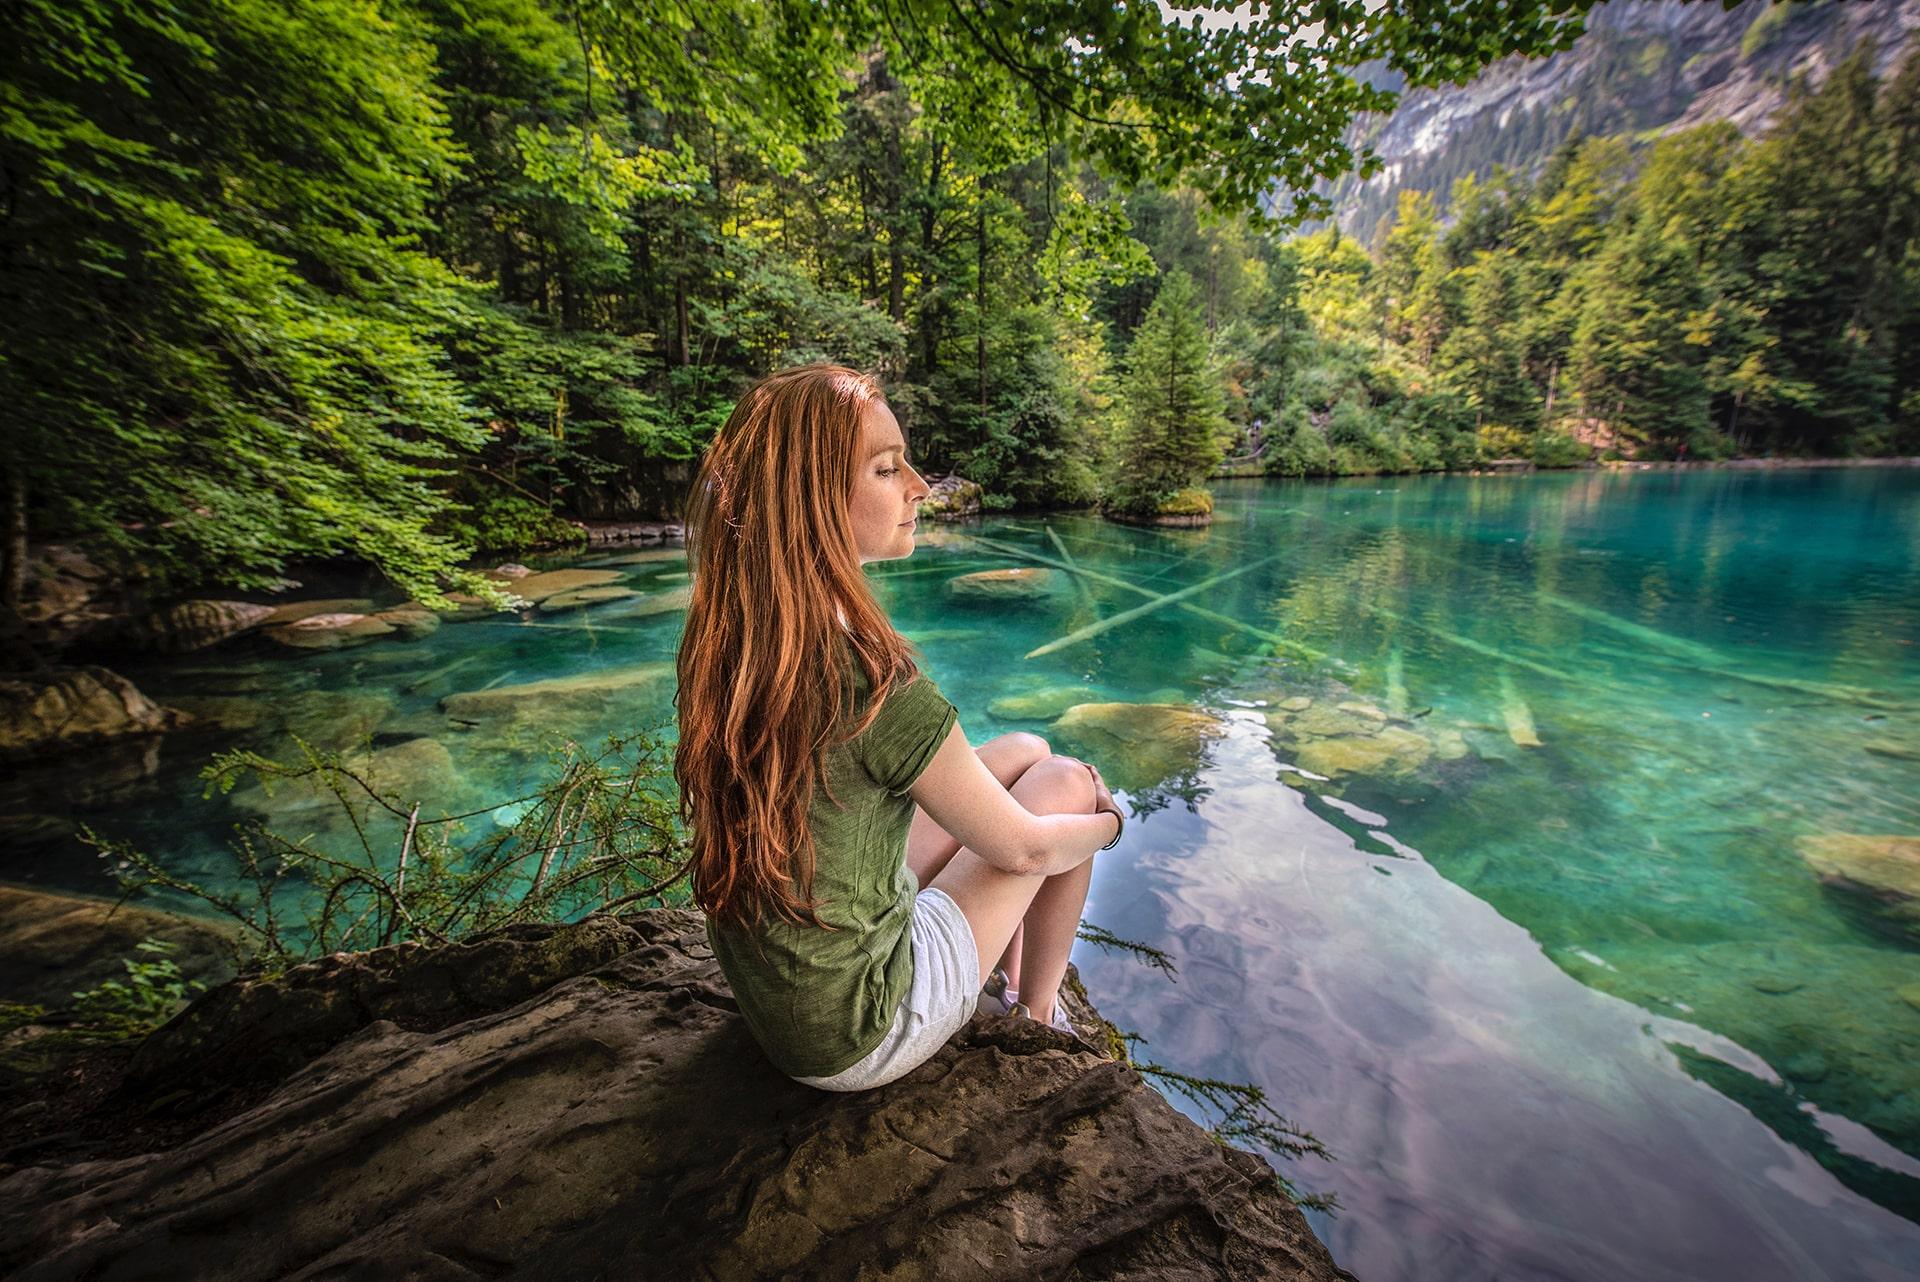 Blog Lifestyle - Le Blausee est d'une beauté exceptionnelle - Suivre sa Joie - Saskia Parein